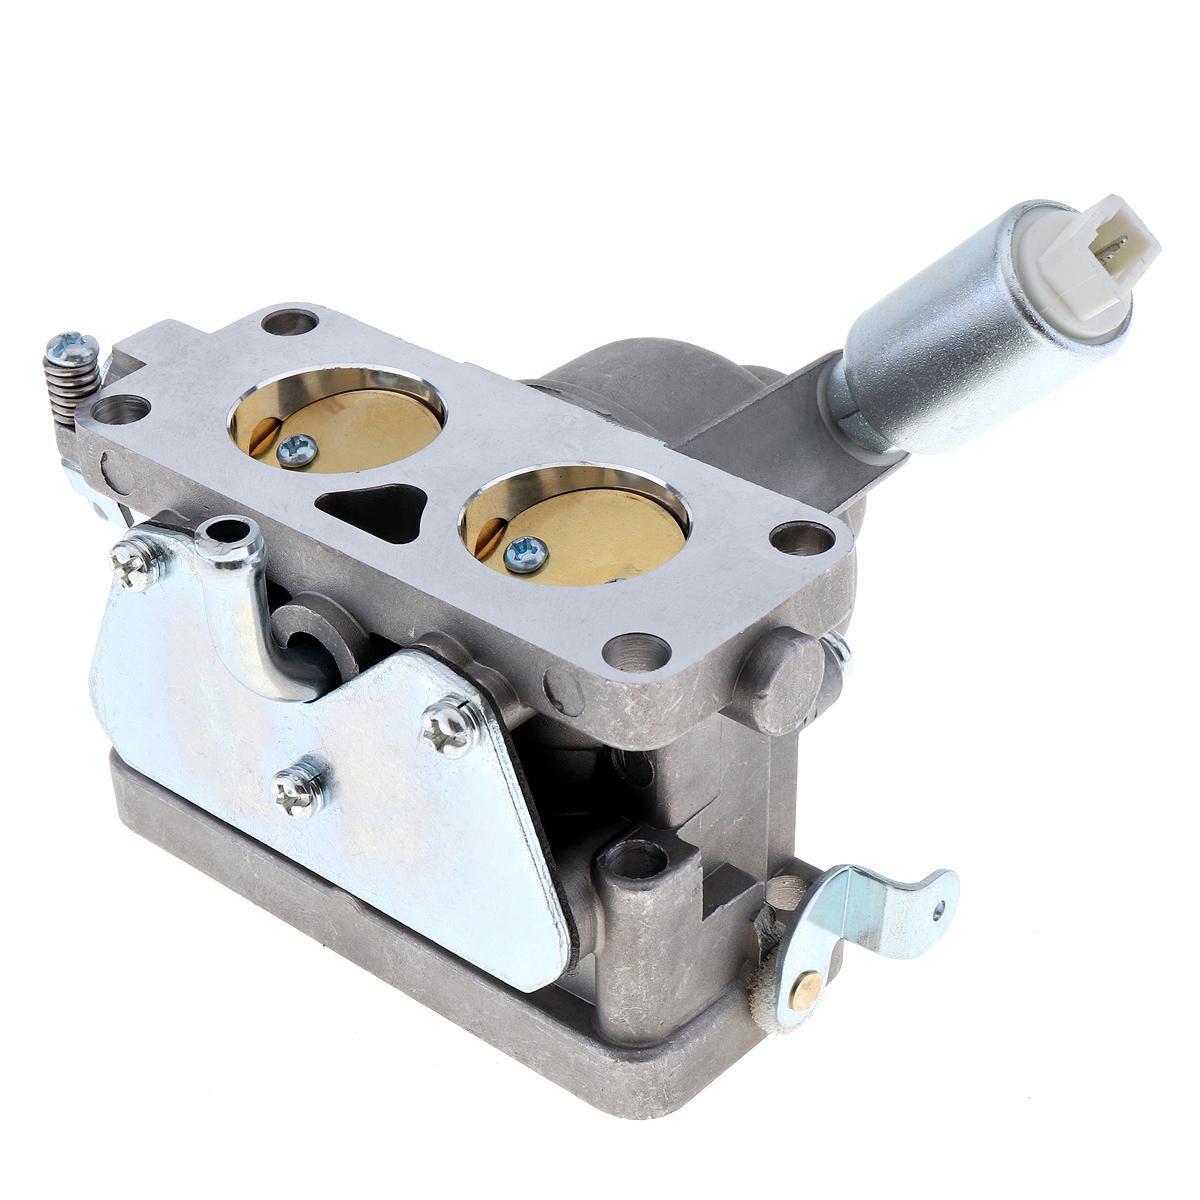 De haute qualité 791230 699709 499804 Carburateur Replaces Pour Briggs Stratton Atv _103